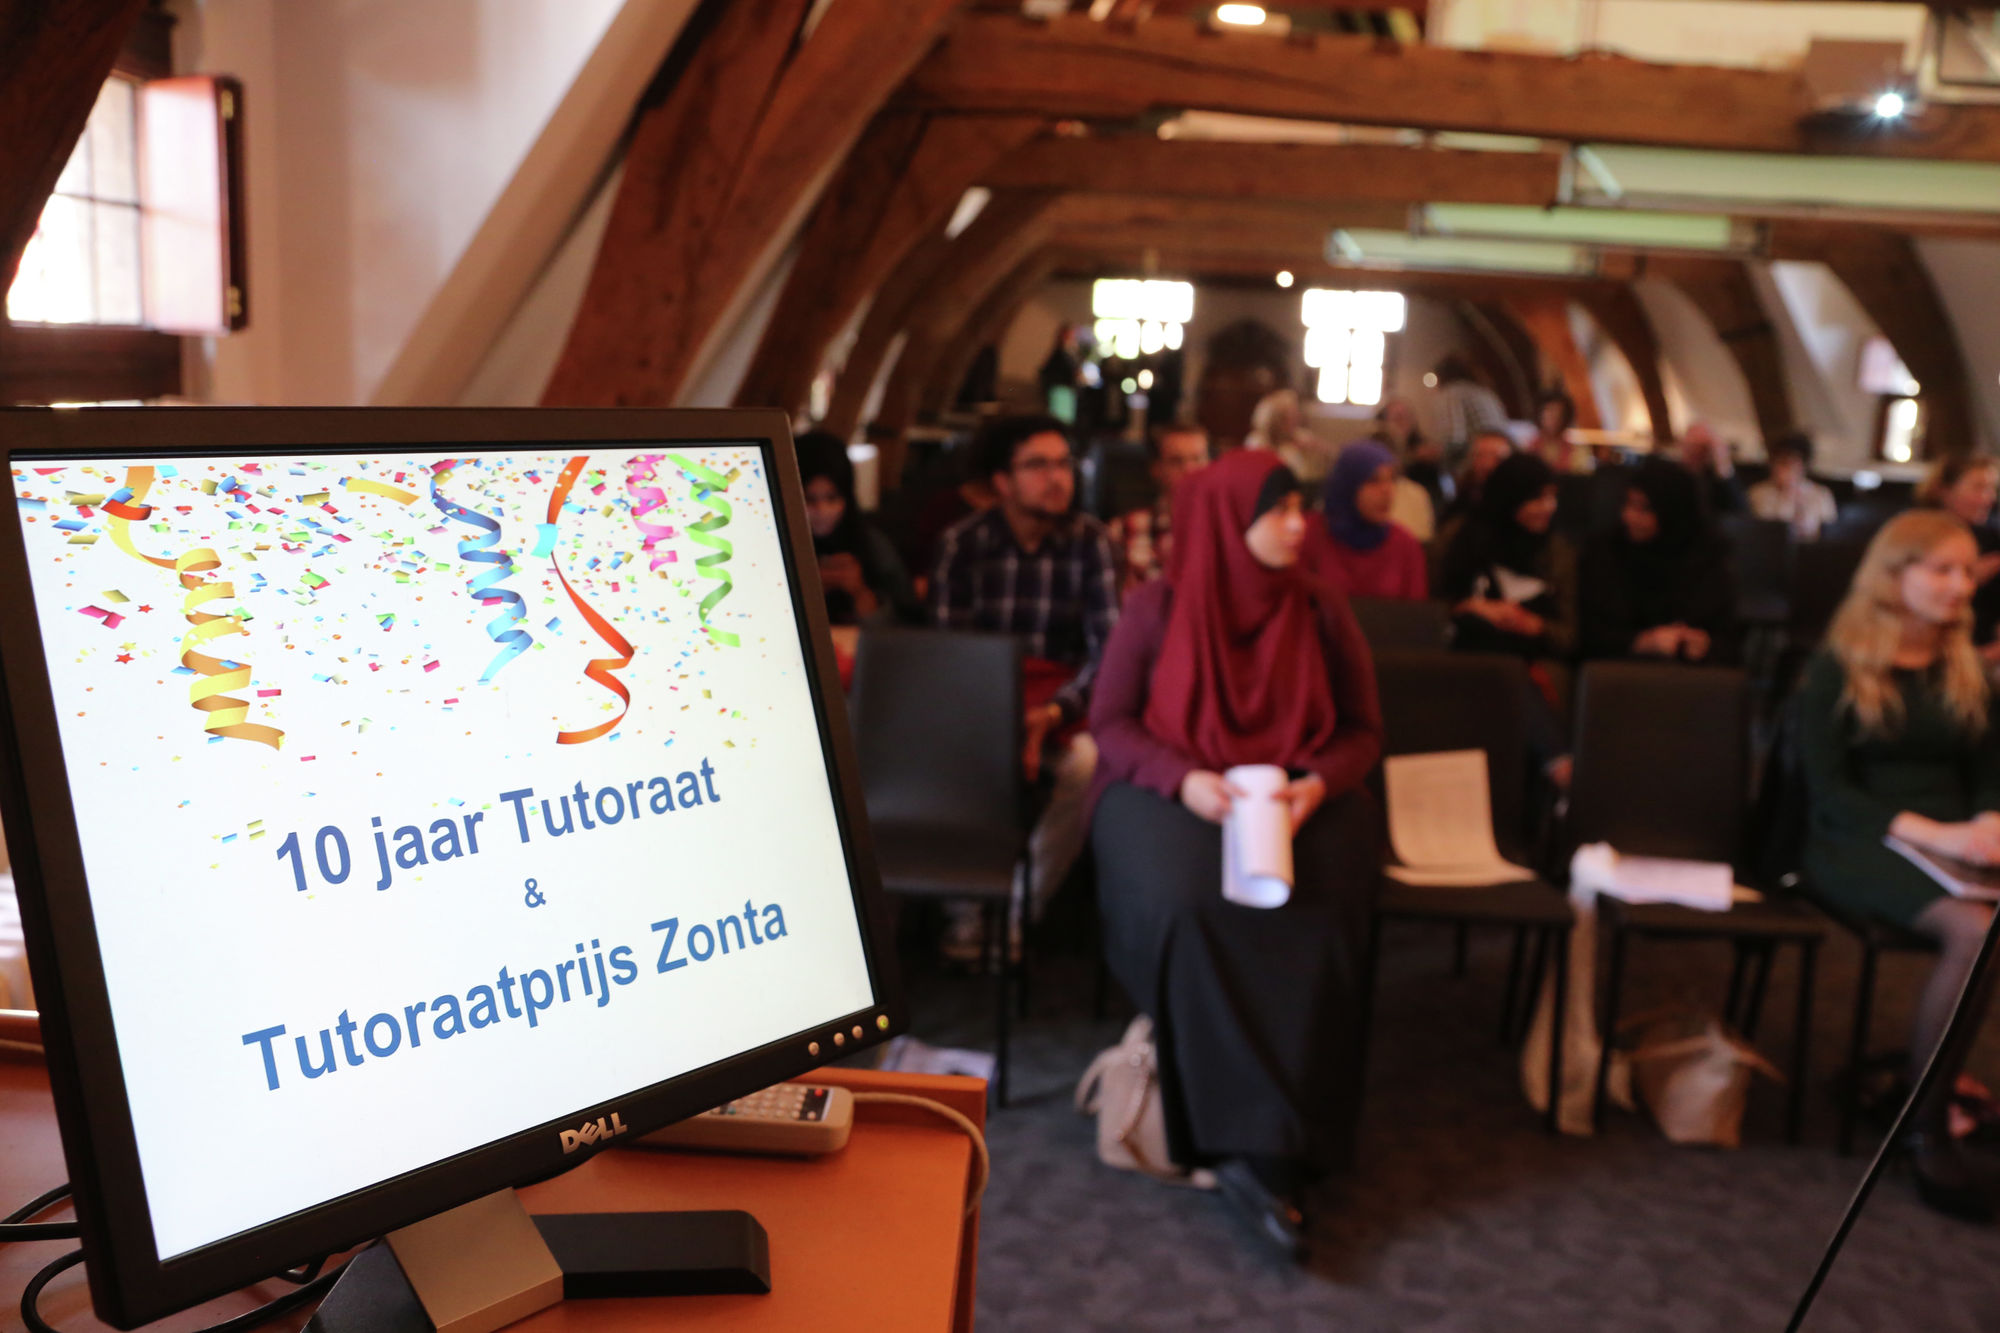 Viering 10 jaar Tutoraatproject en Zonta prijsuitreiking